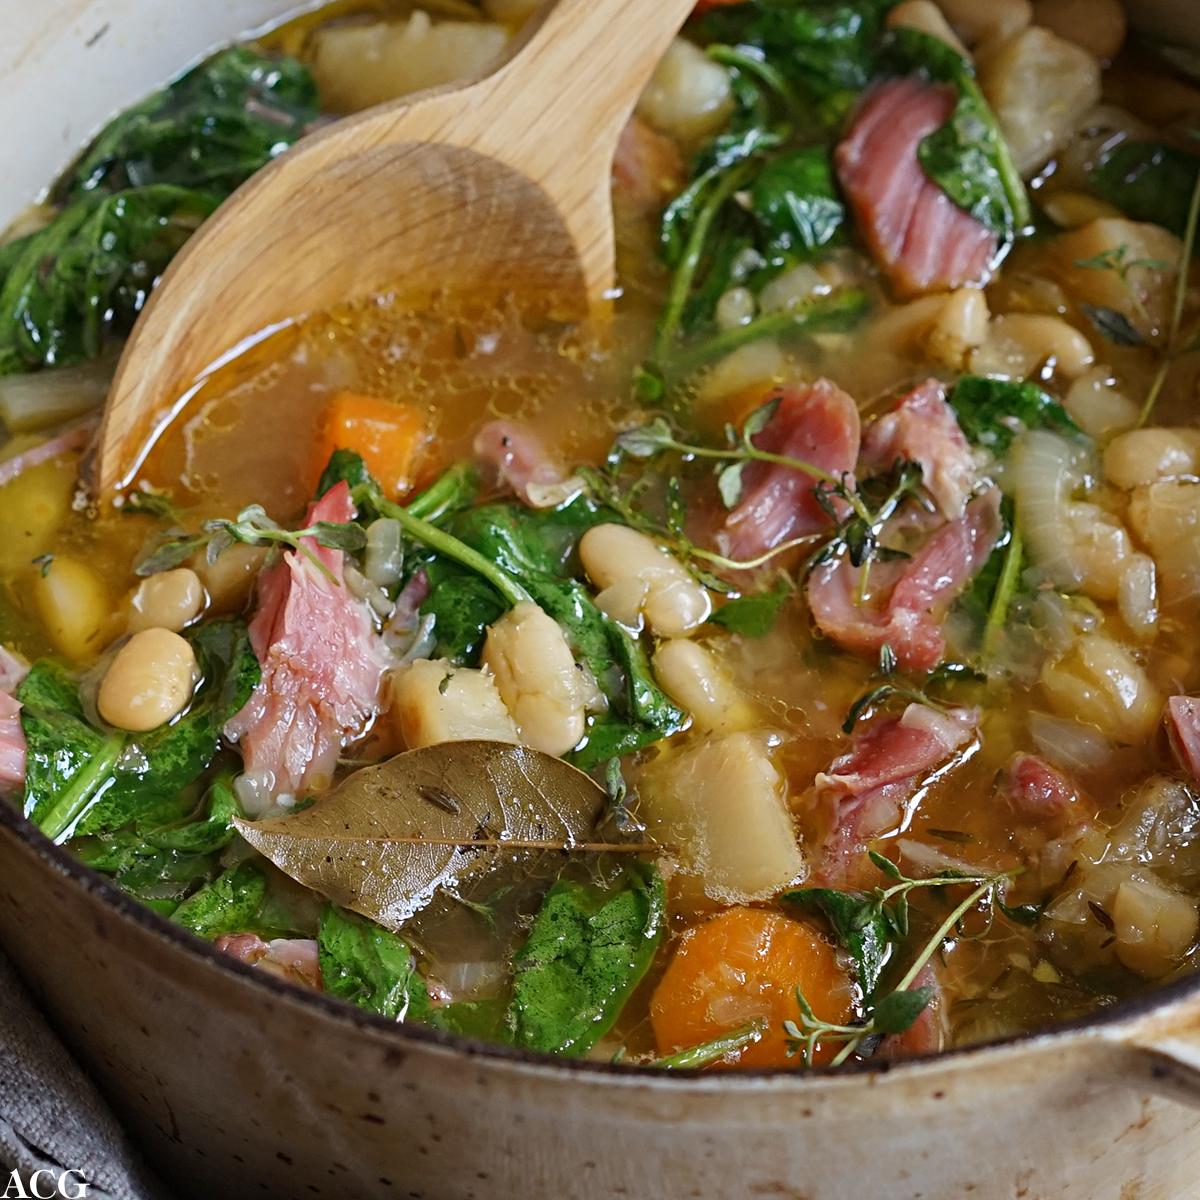 bønnegryte med salt svineknoke og spinat